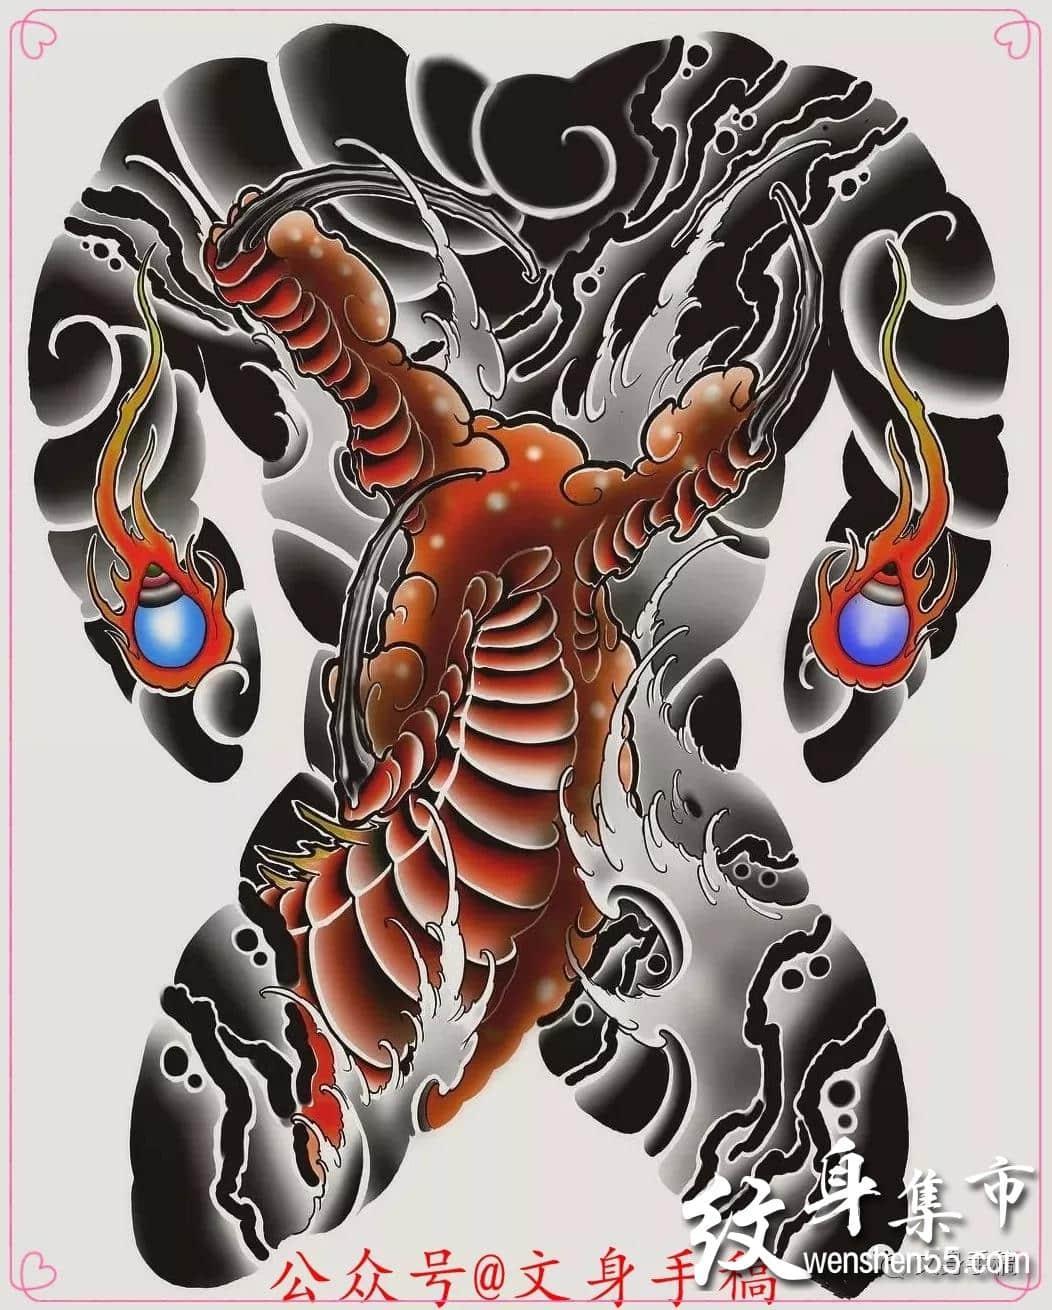 龙爪纹身,龙爪纹身手稿,龙爪纹身手稿图案